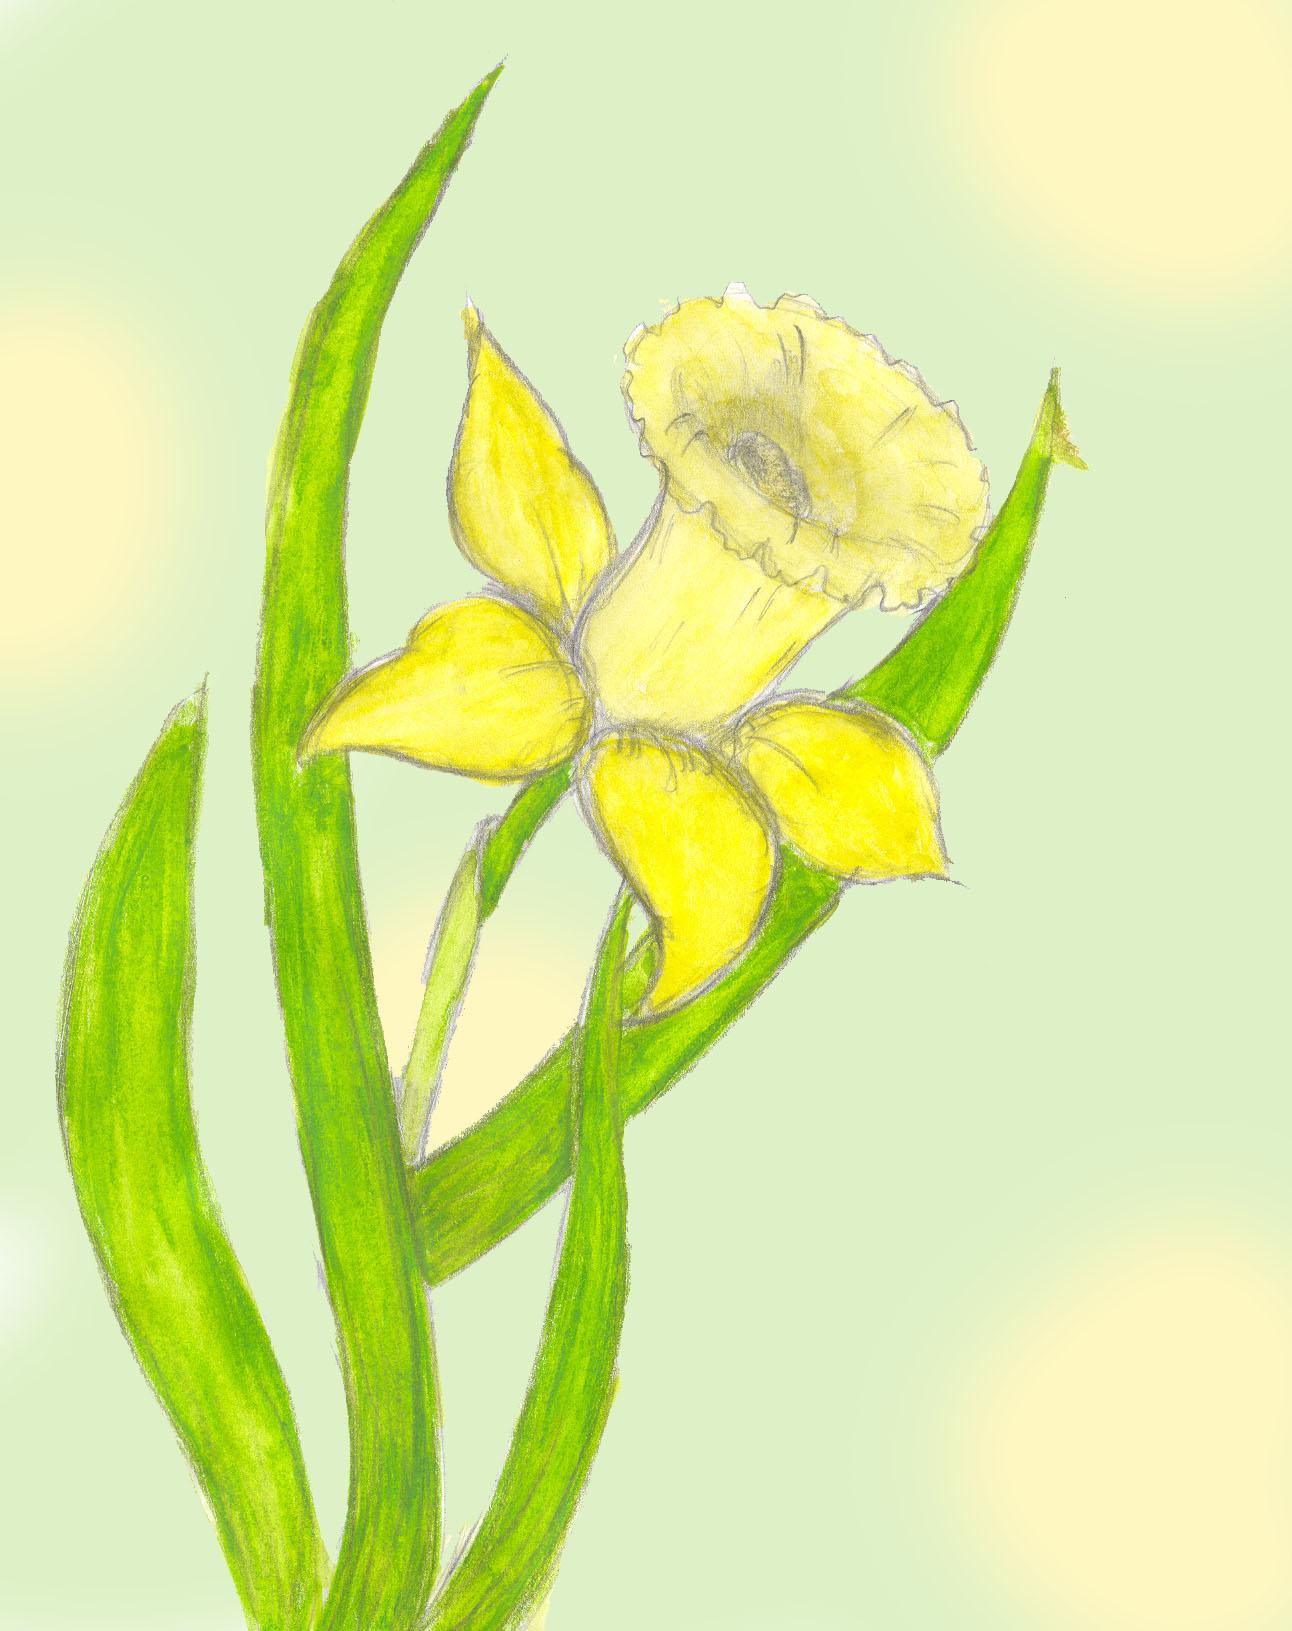 Daffodil by Yeslen-Muurlas